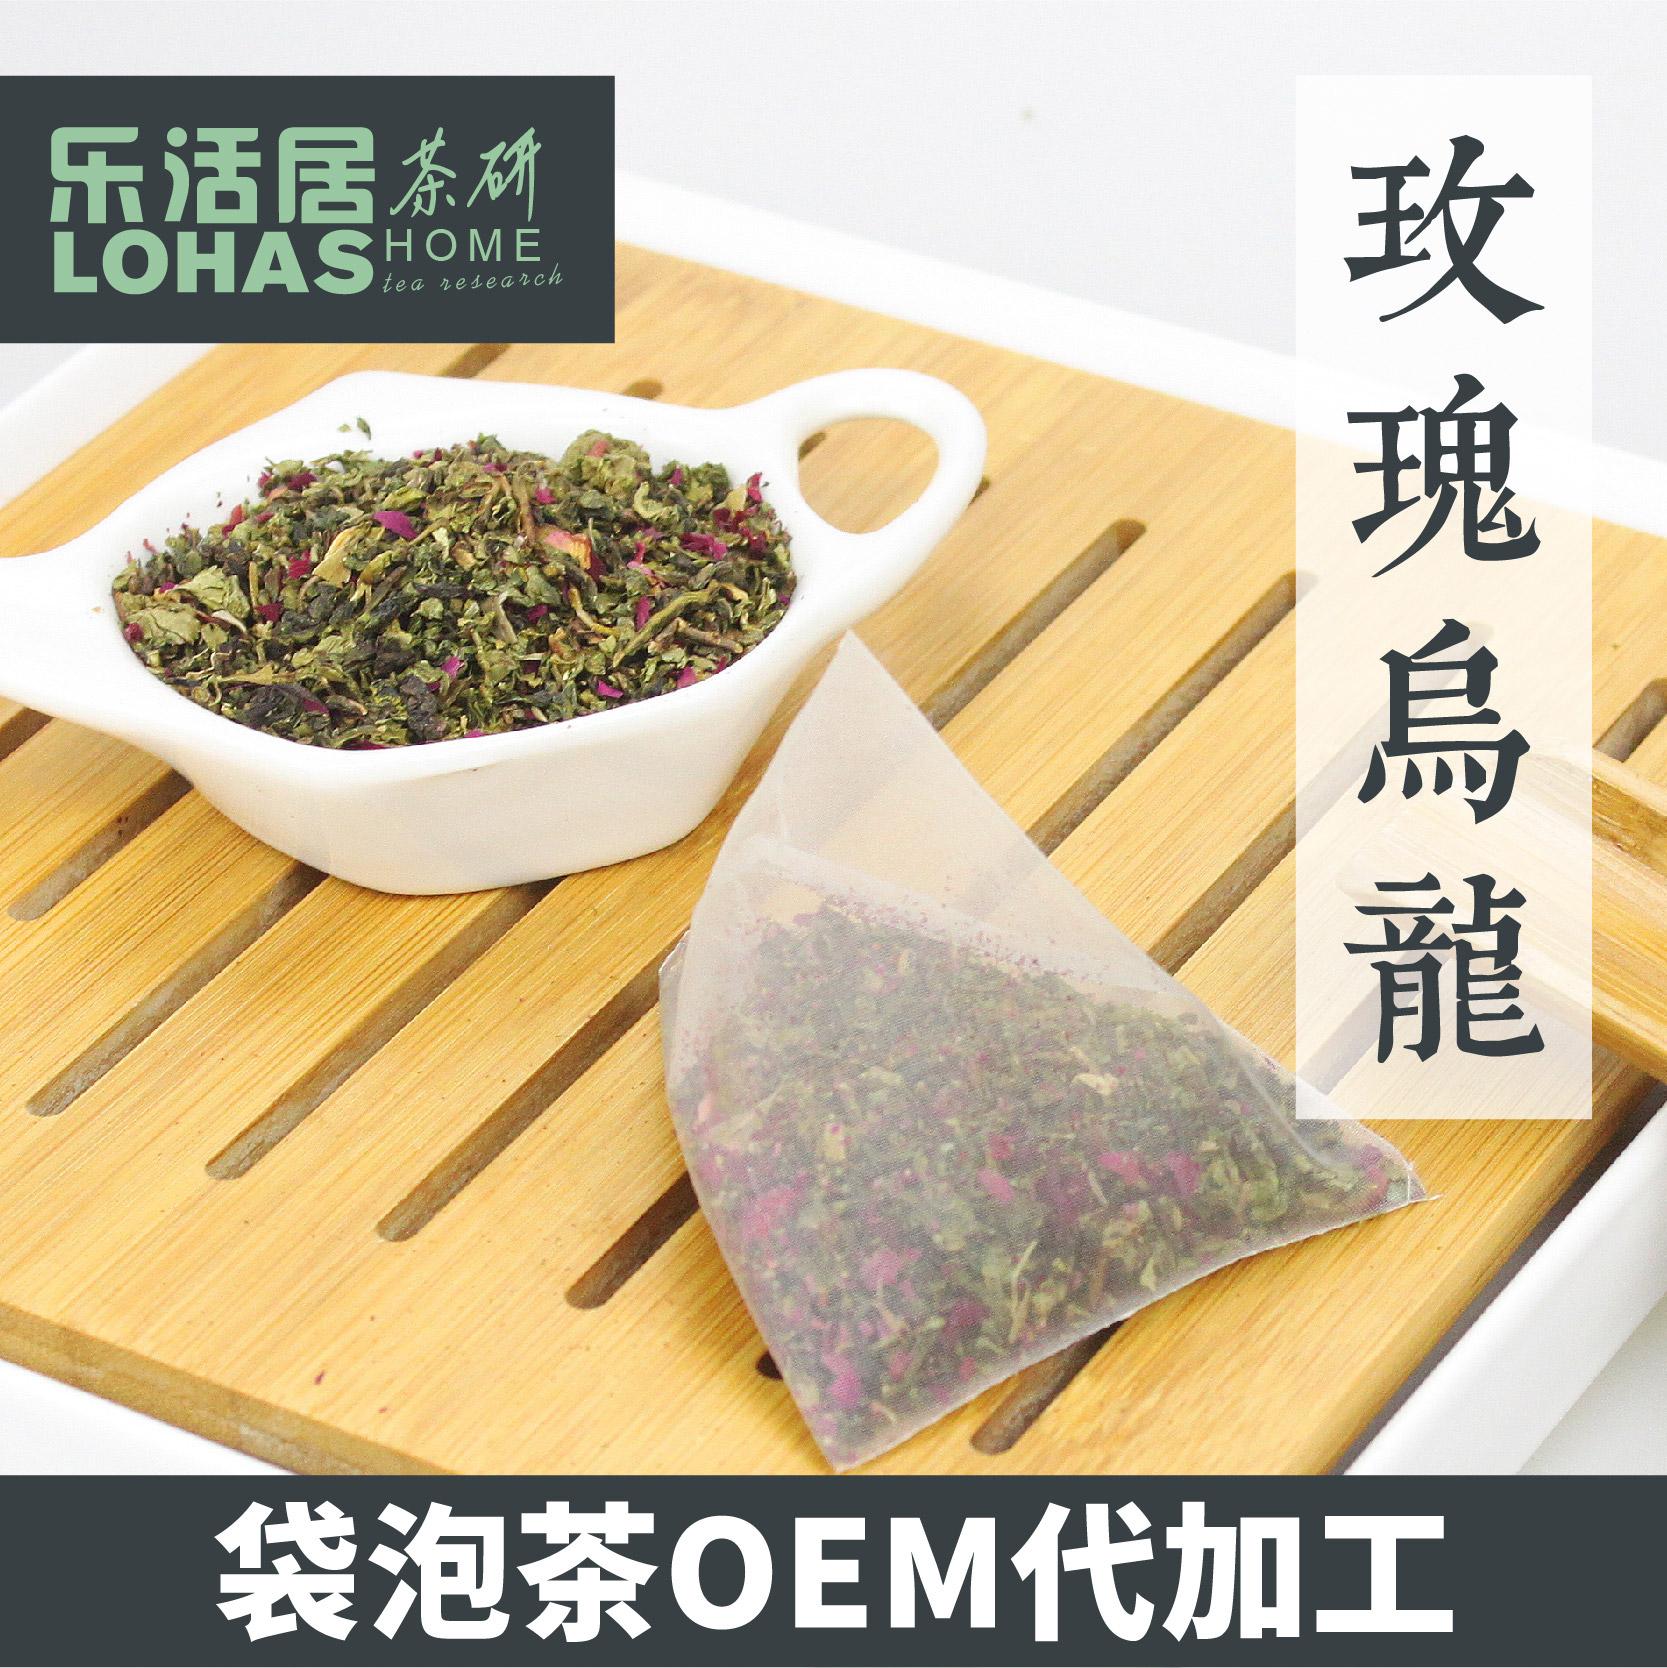 厂家大量批发玫瑰乌龙乌龙茶三角包袋泡茶奶茶餐饮店原料专用直销